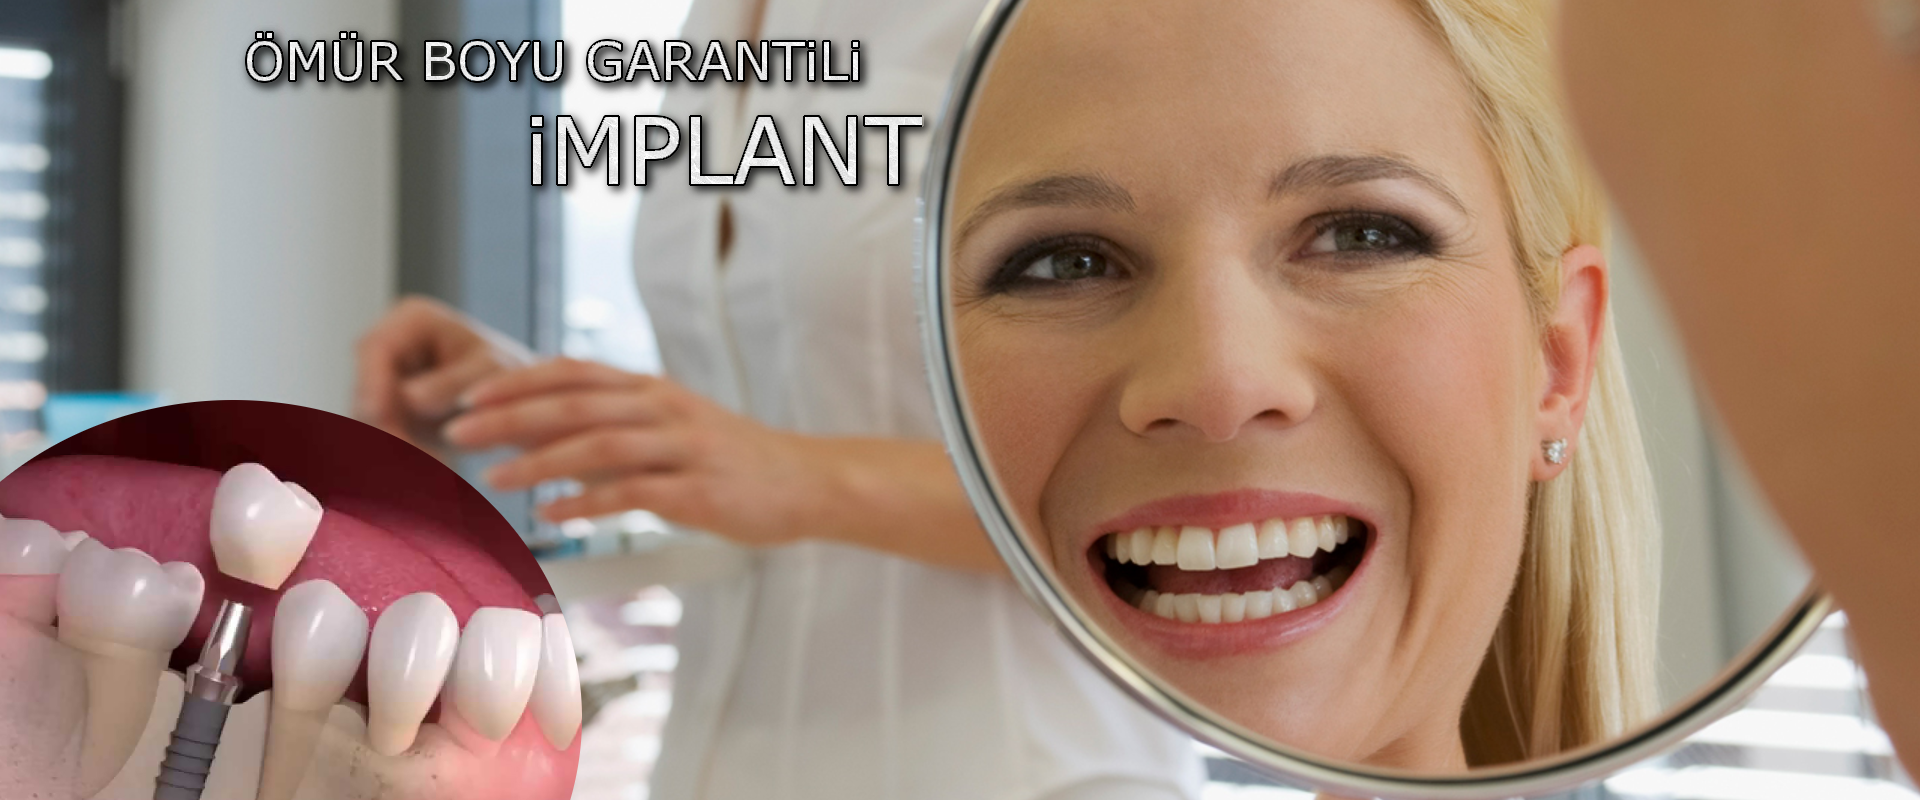 Diş implantı